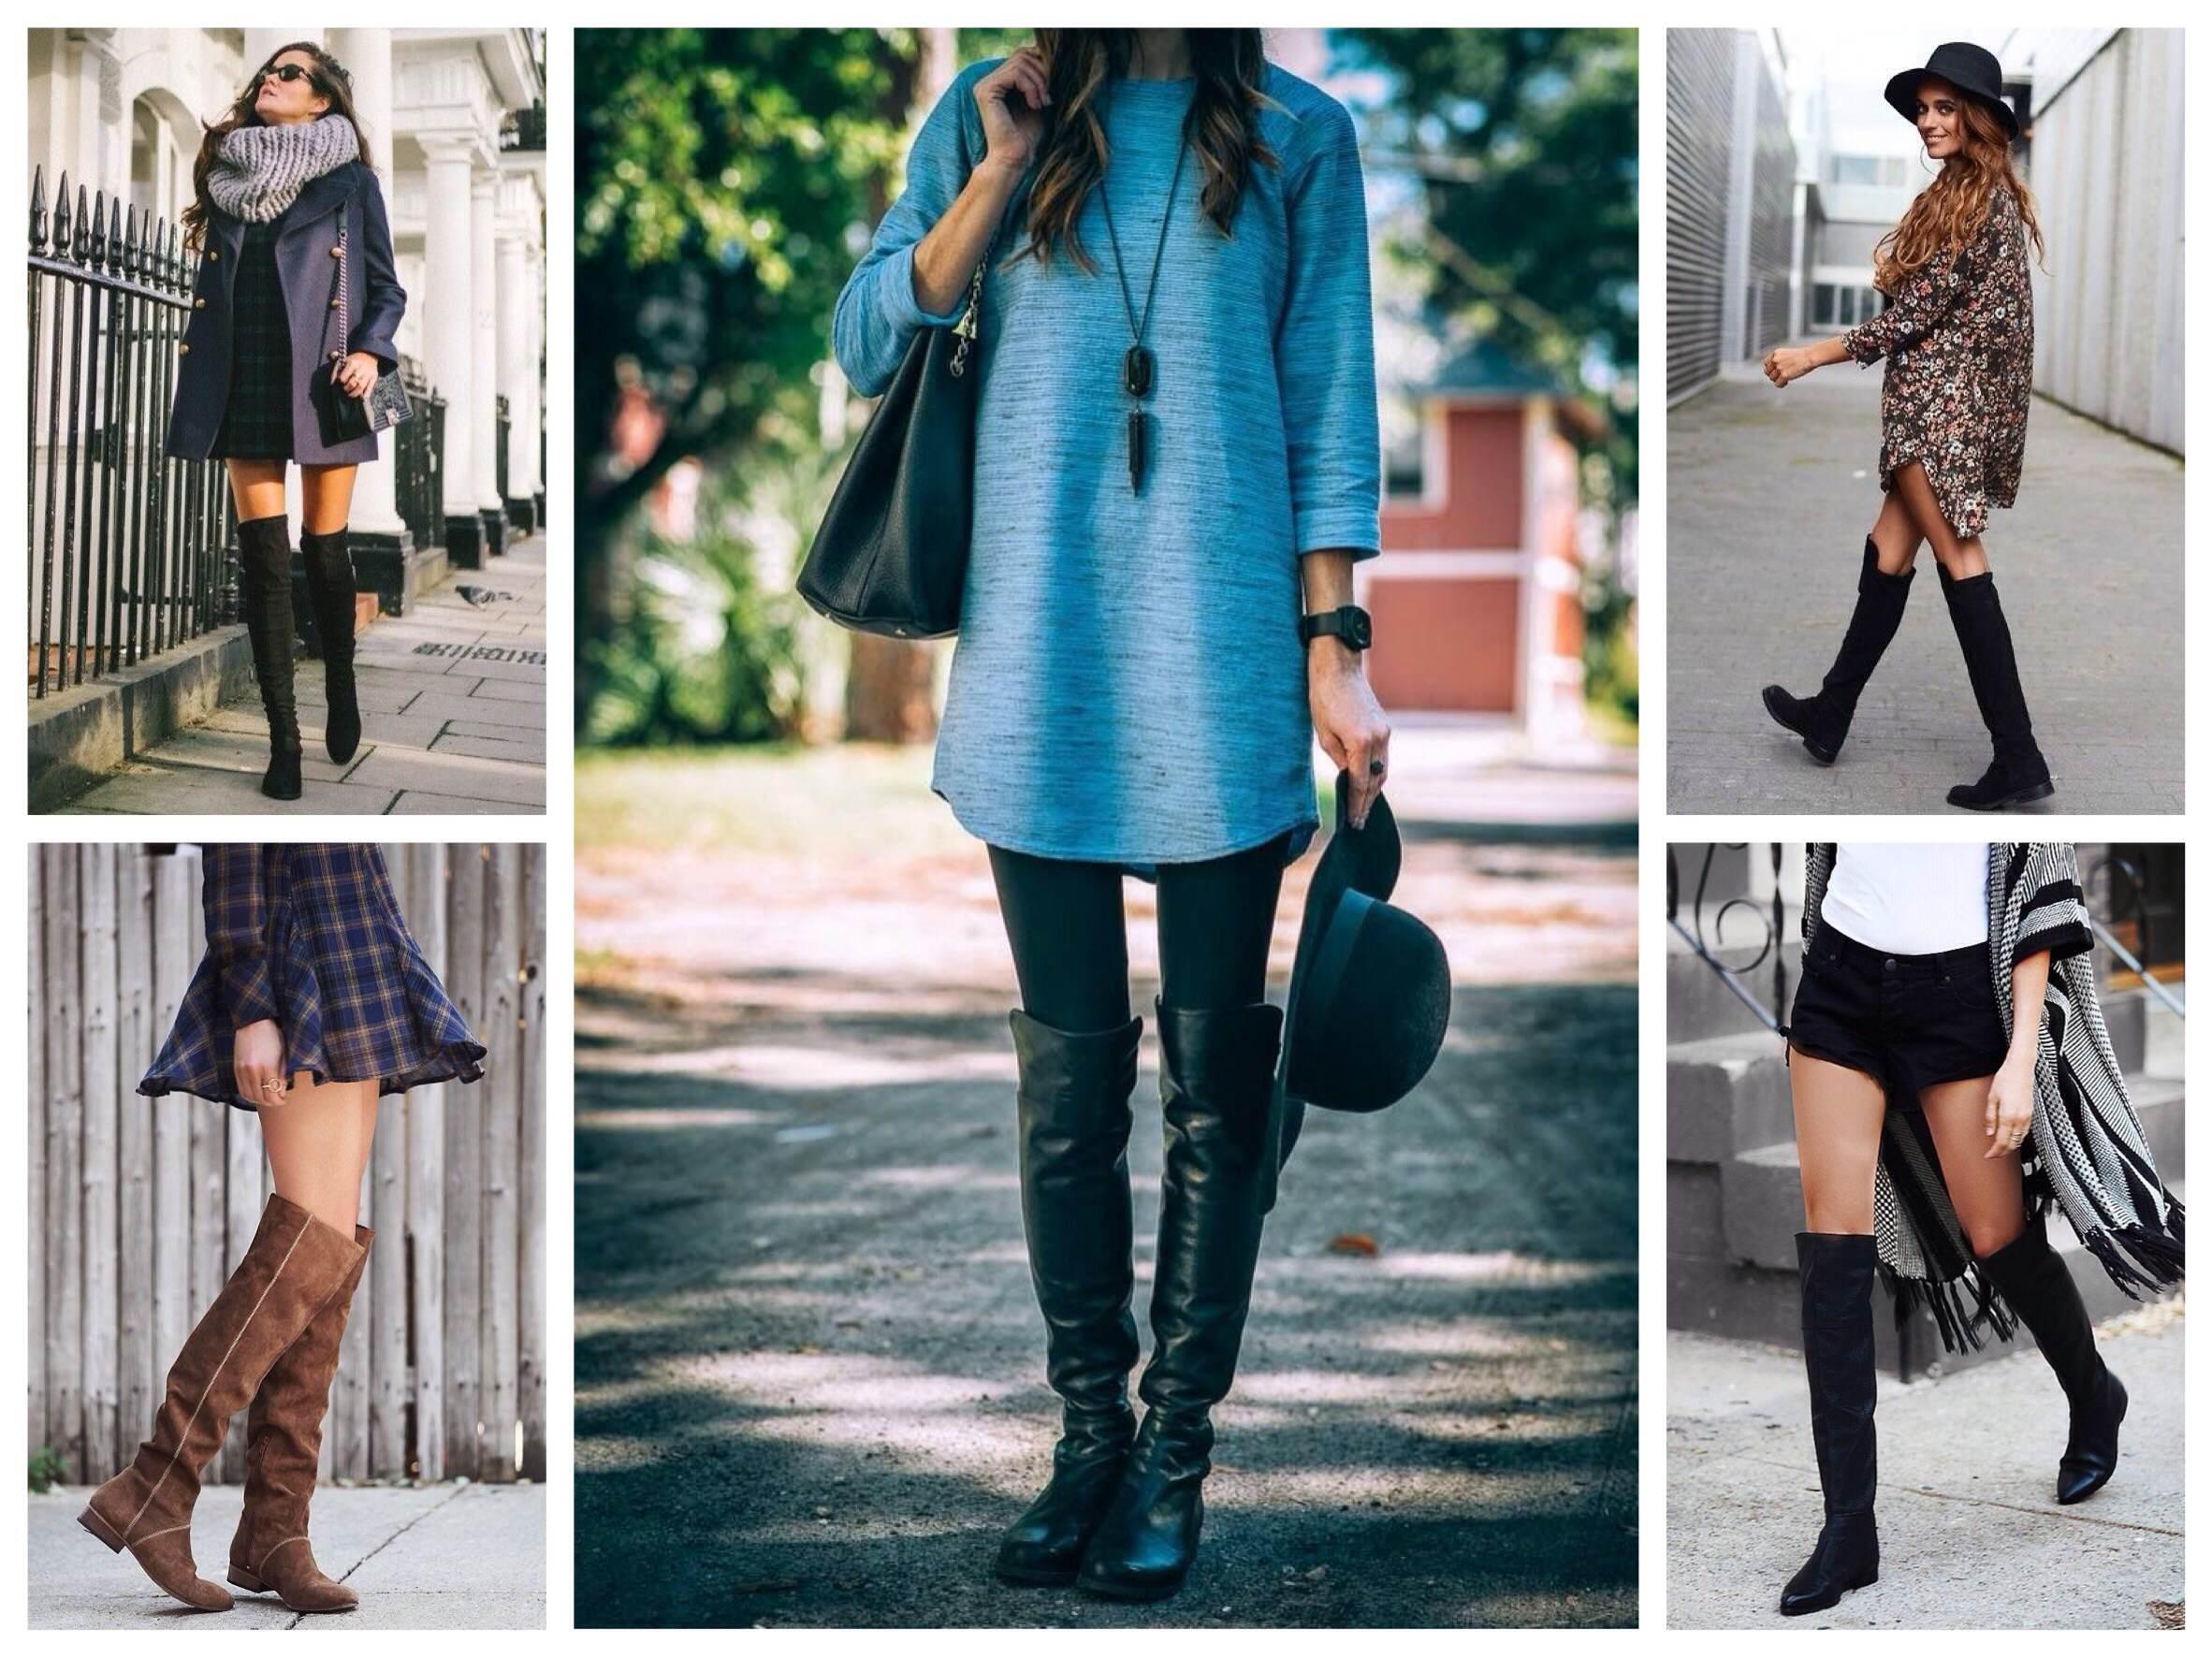 Что носить с ботфортами на каблуке зимой